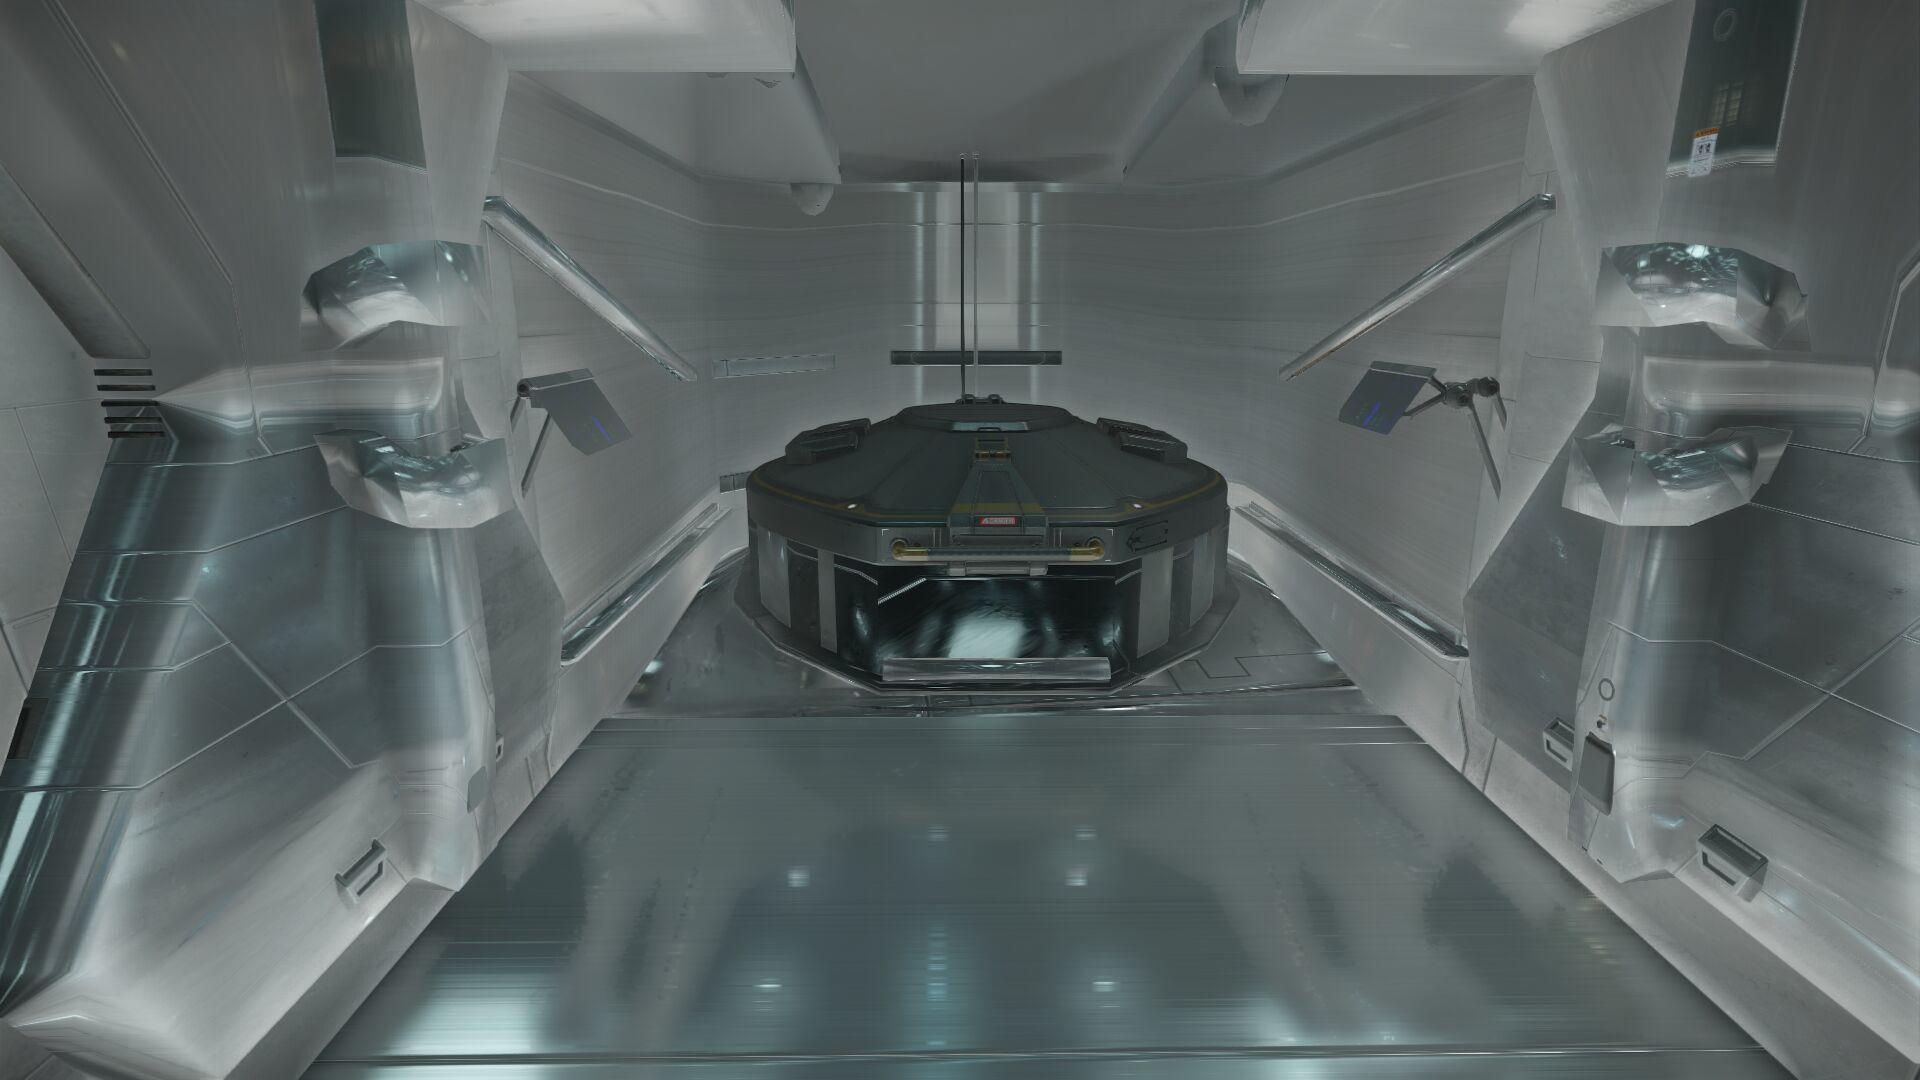 Wygląd wnętrza - siłownia statku